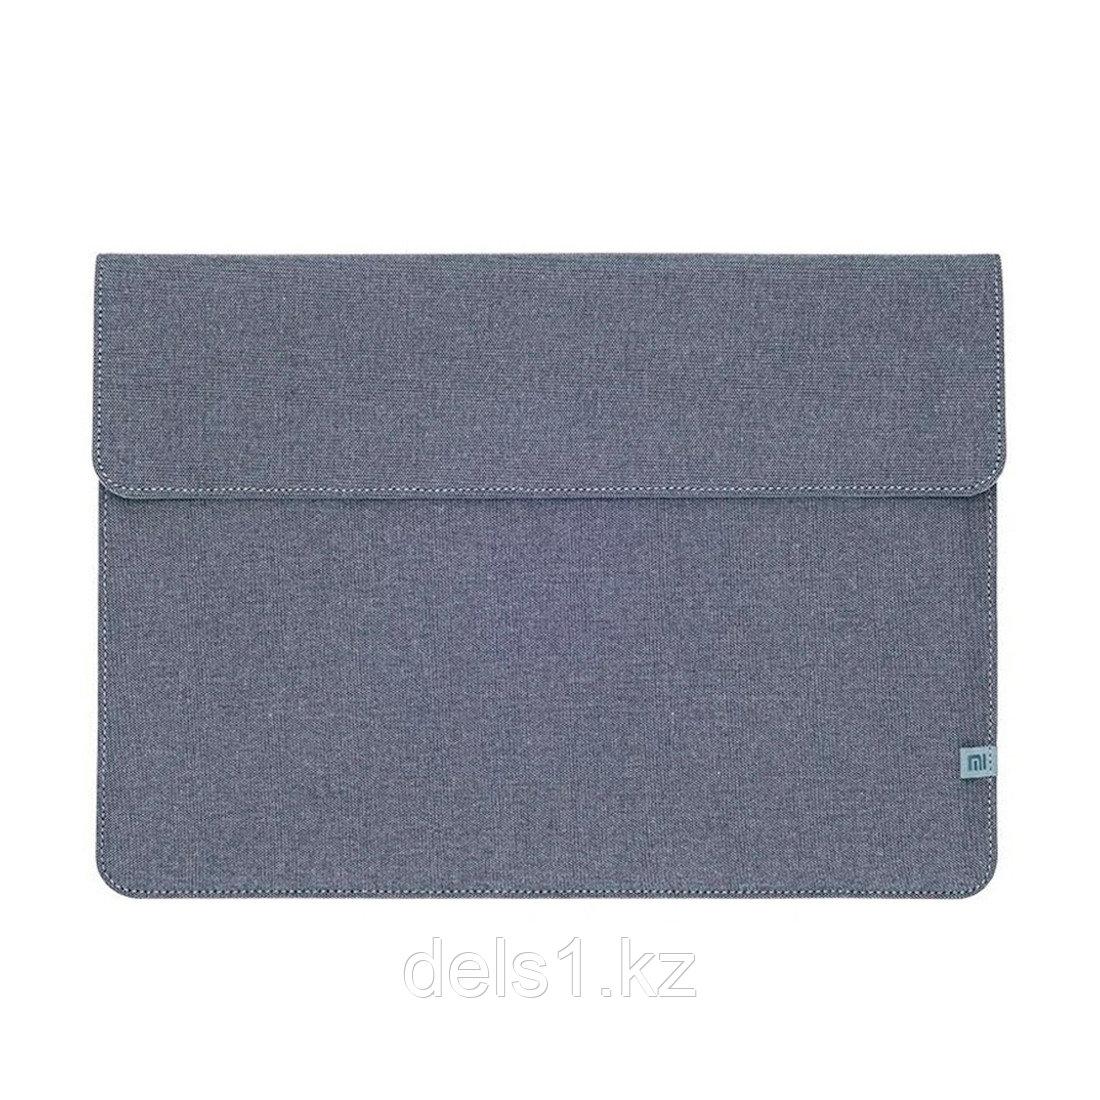 """Чехол для ноутбука, Xiaomi, 13,3""""ткань ZJB4058CN, Серый"""